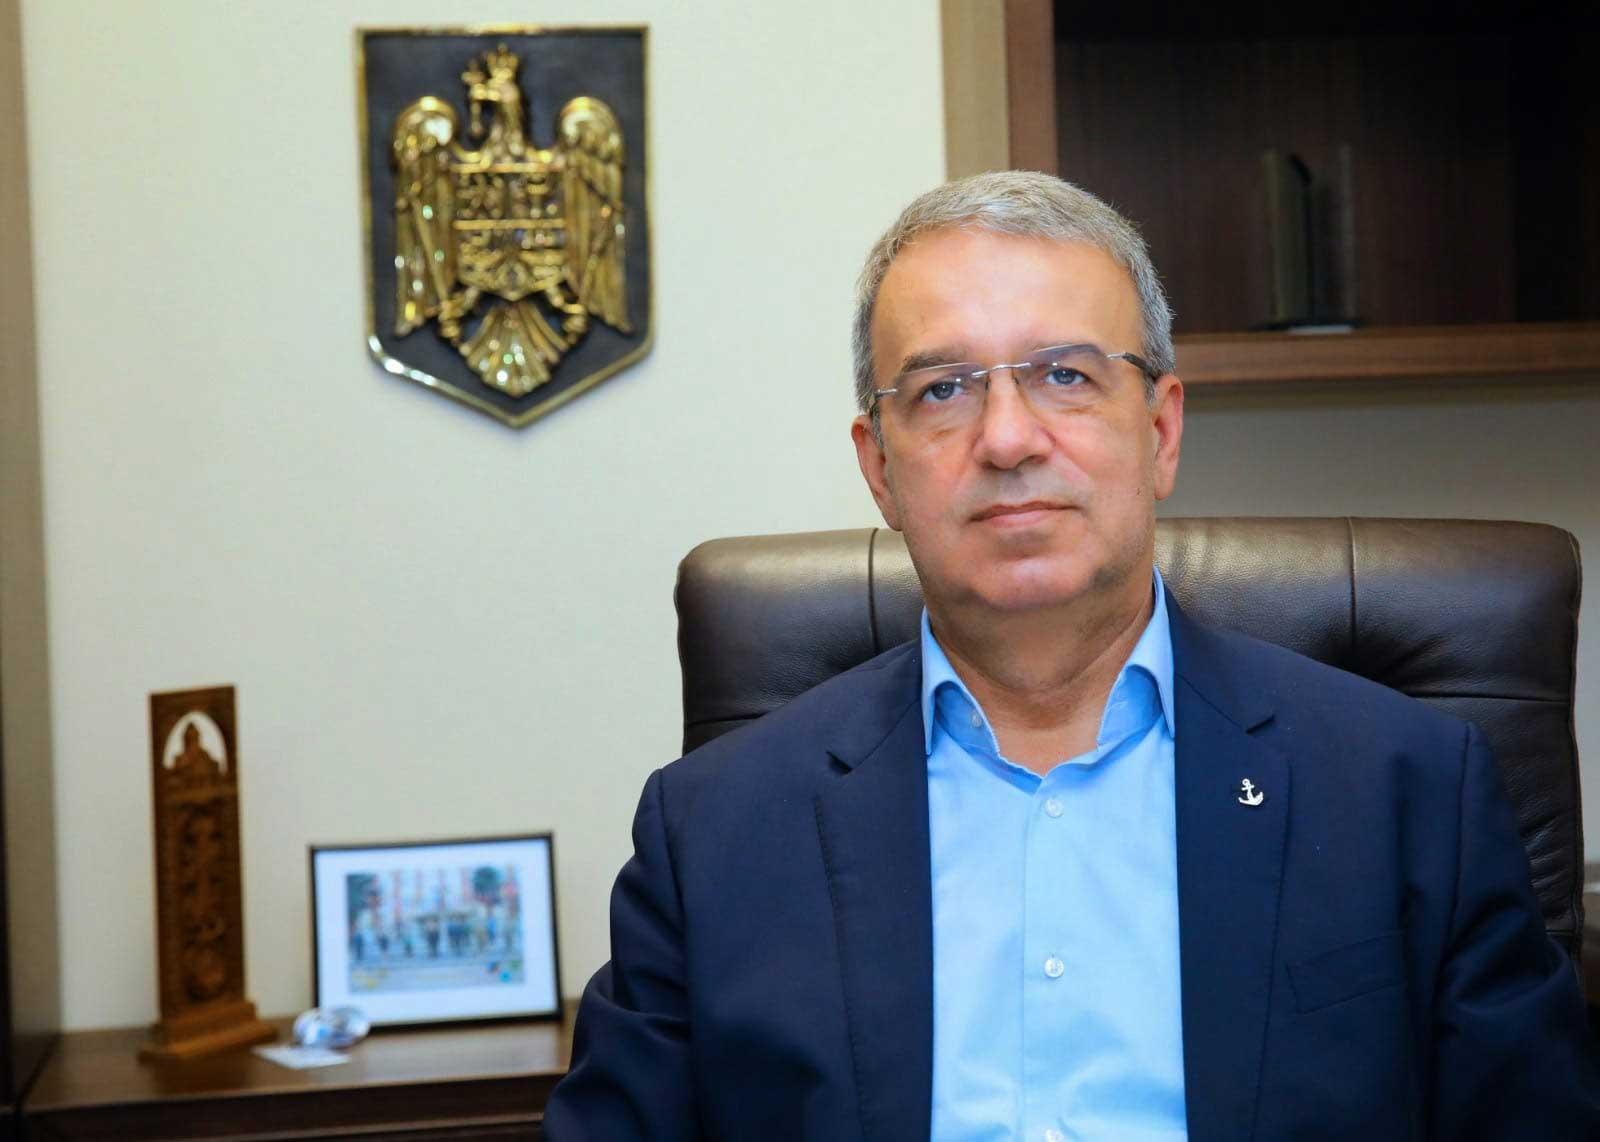 Primarul Constanței, Vergil Chițac, despre susținerea școlii de către administrația publică locală